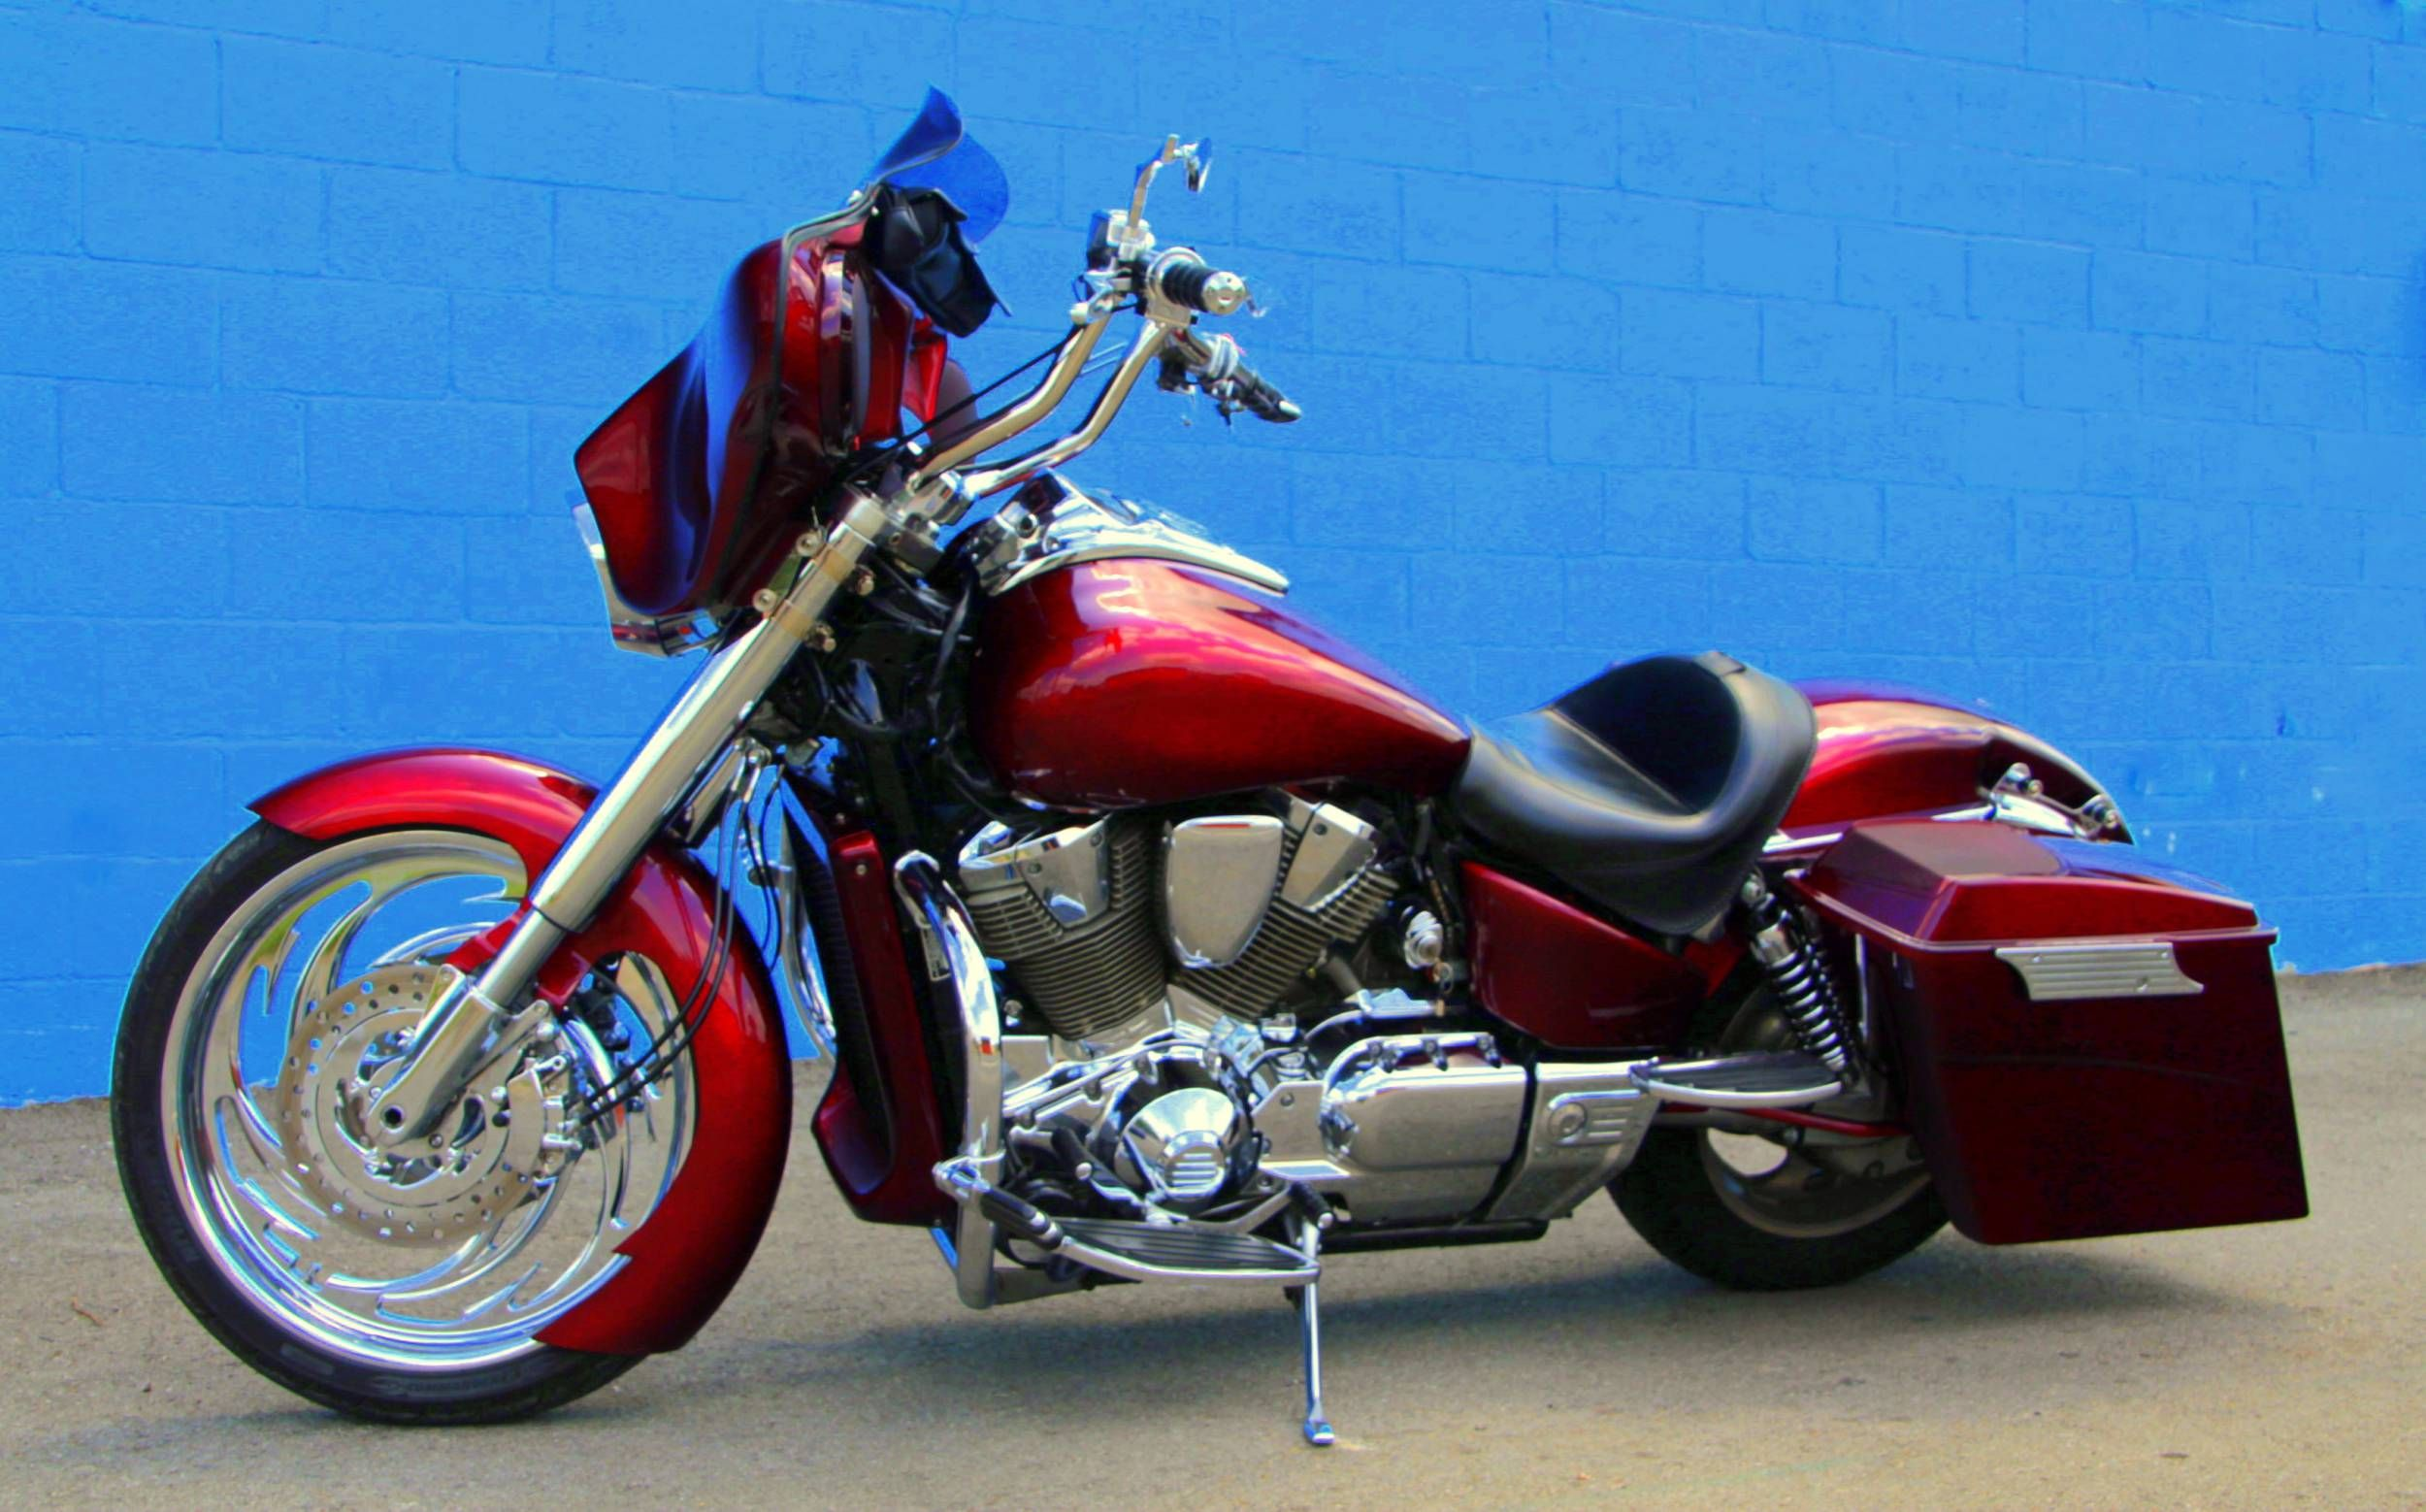 honda vtx 1800n 2004 custom bagger vtx photo gallery [ 2500 x 1558 Pixel ]